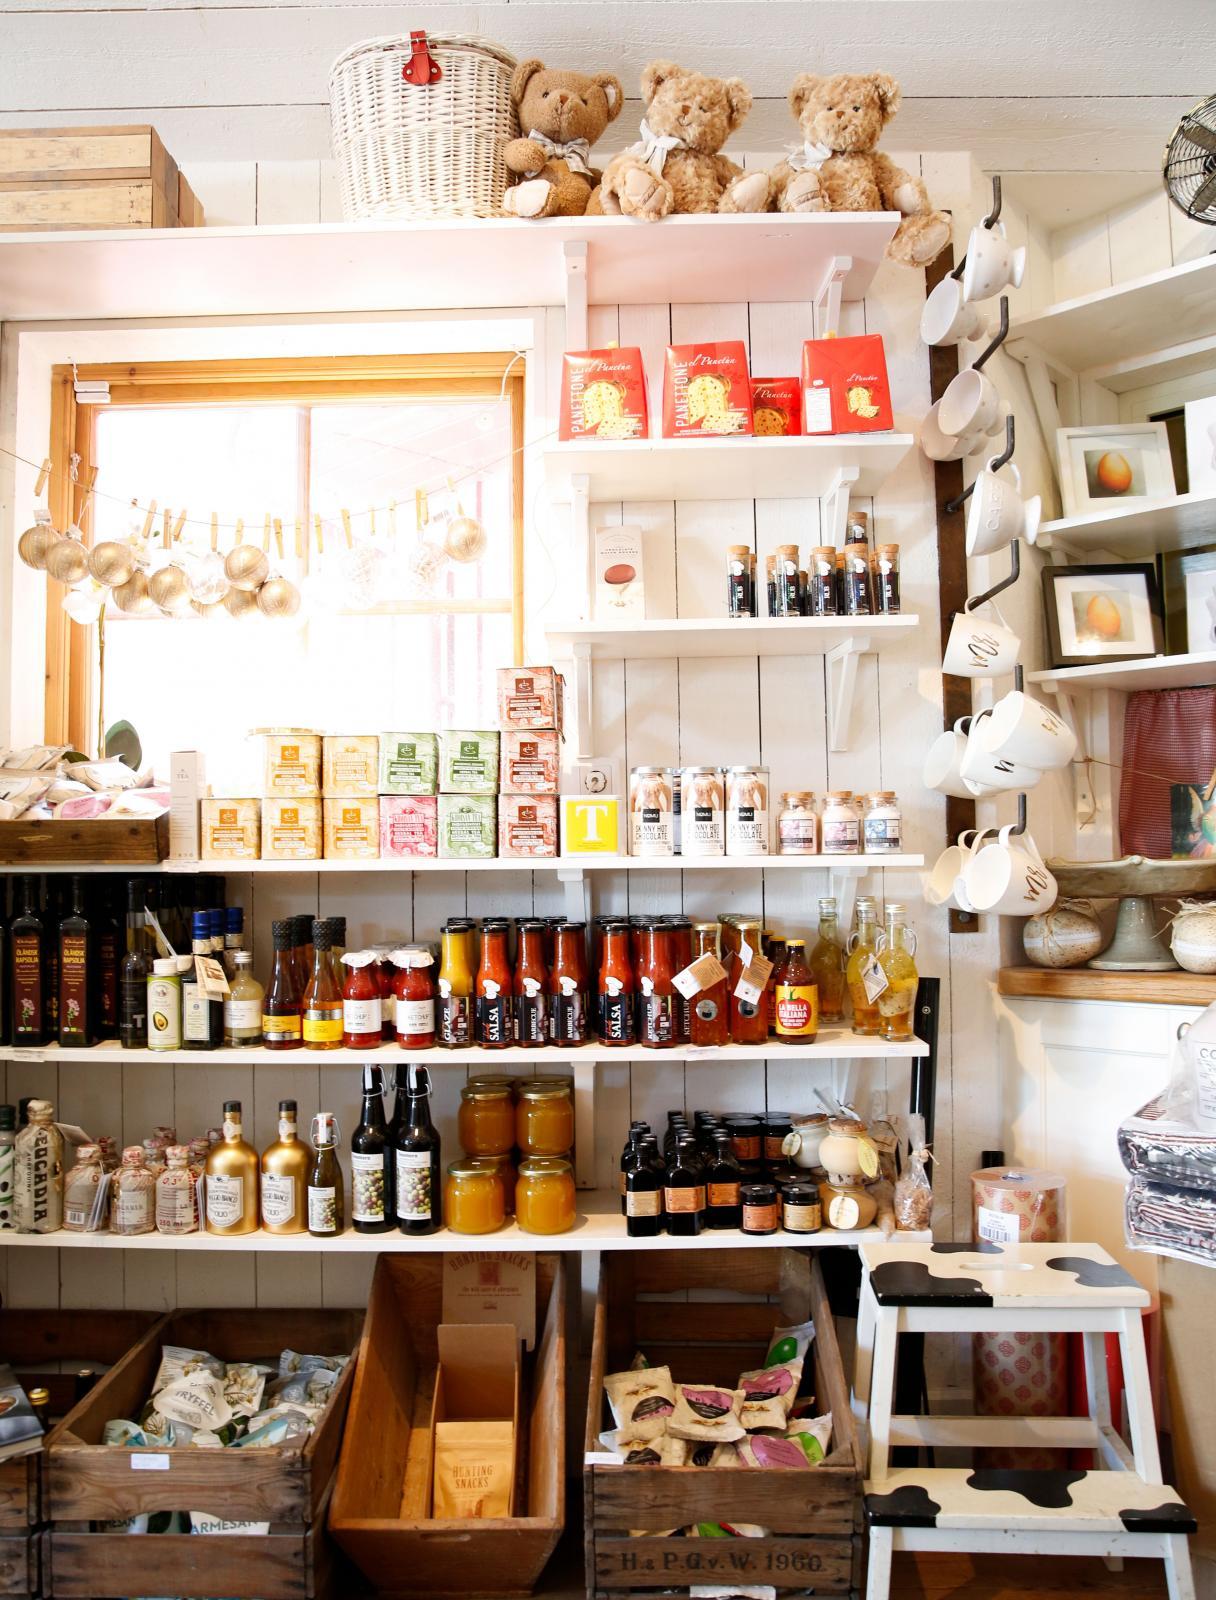 I gårdsbutiken säljs en lång rad mathantverk från producenter i grannskapet. Dessutom kan man köpa hantverk, te, oljor och dryck.